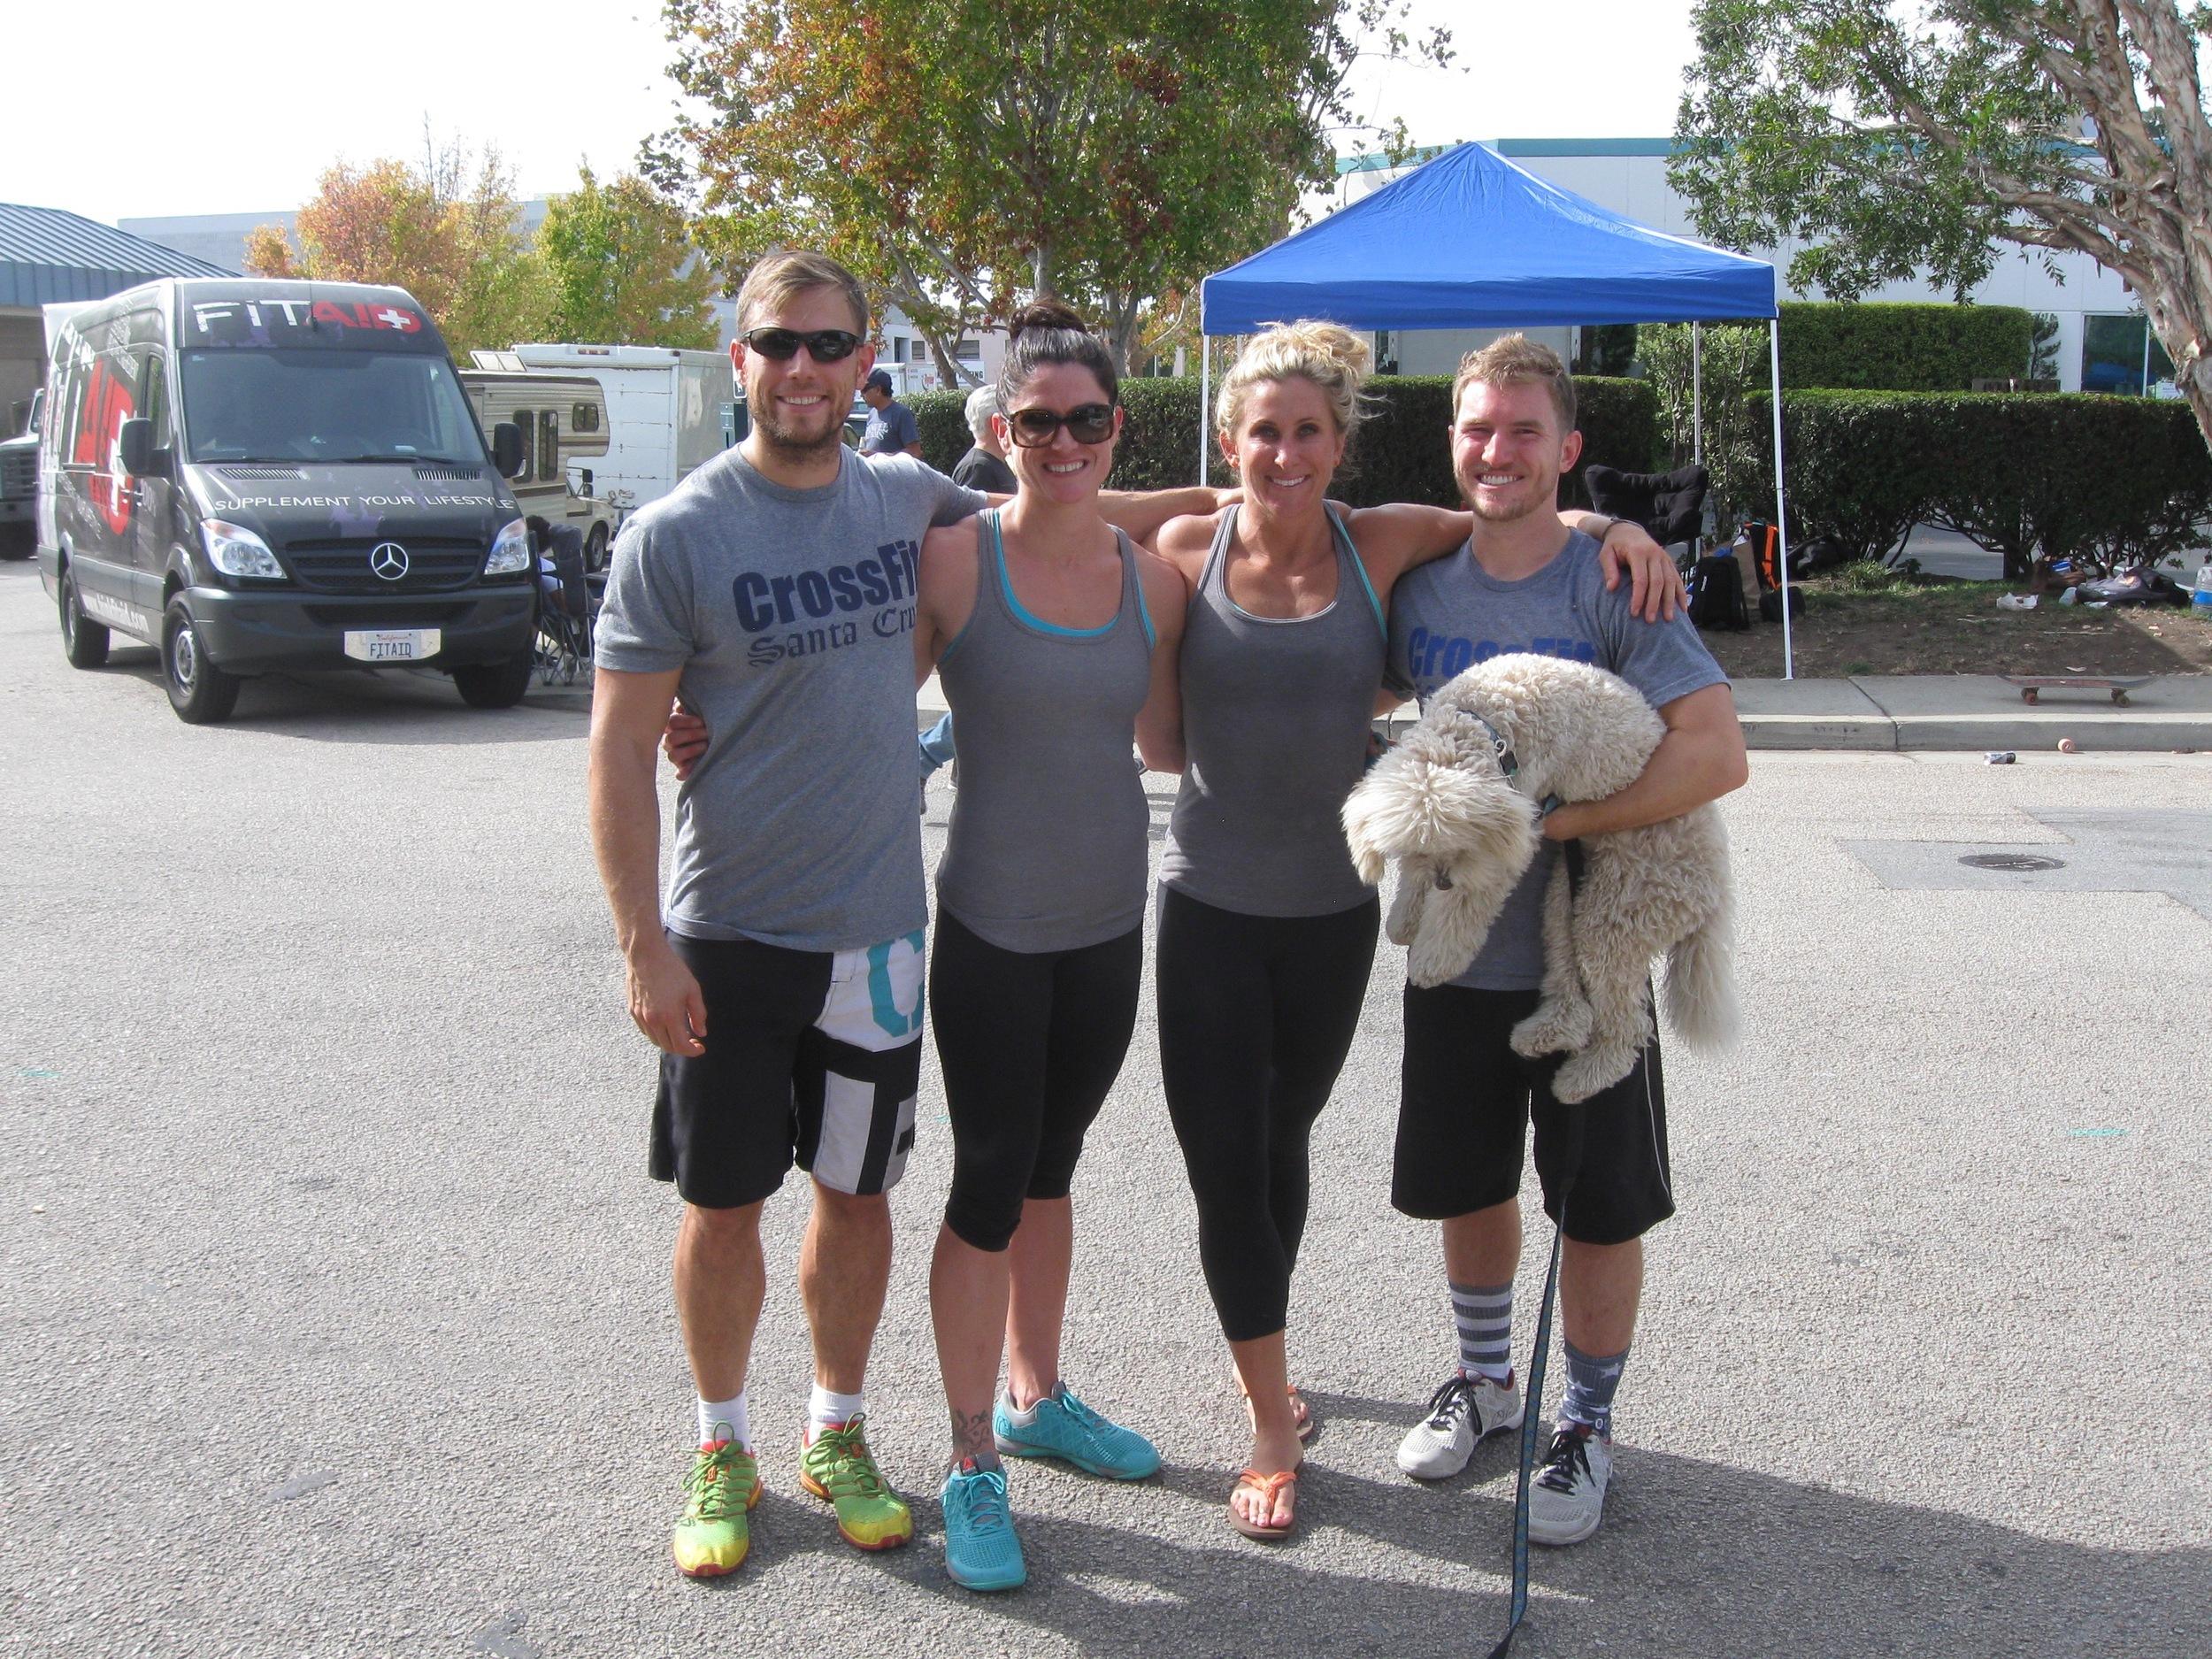 Brad, Erica, Alicia, Connor and Cal  Photo courtesy of Brad Hoffeld